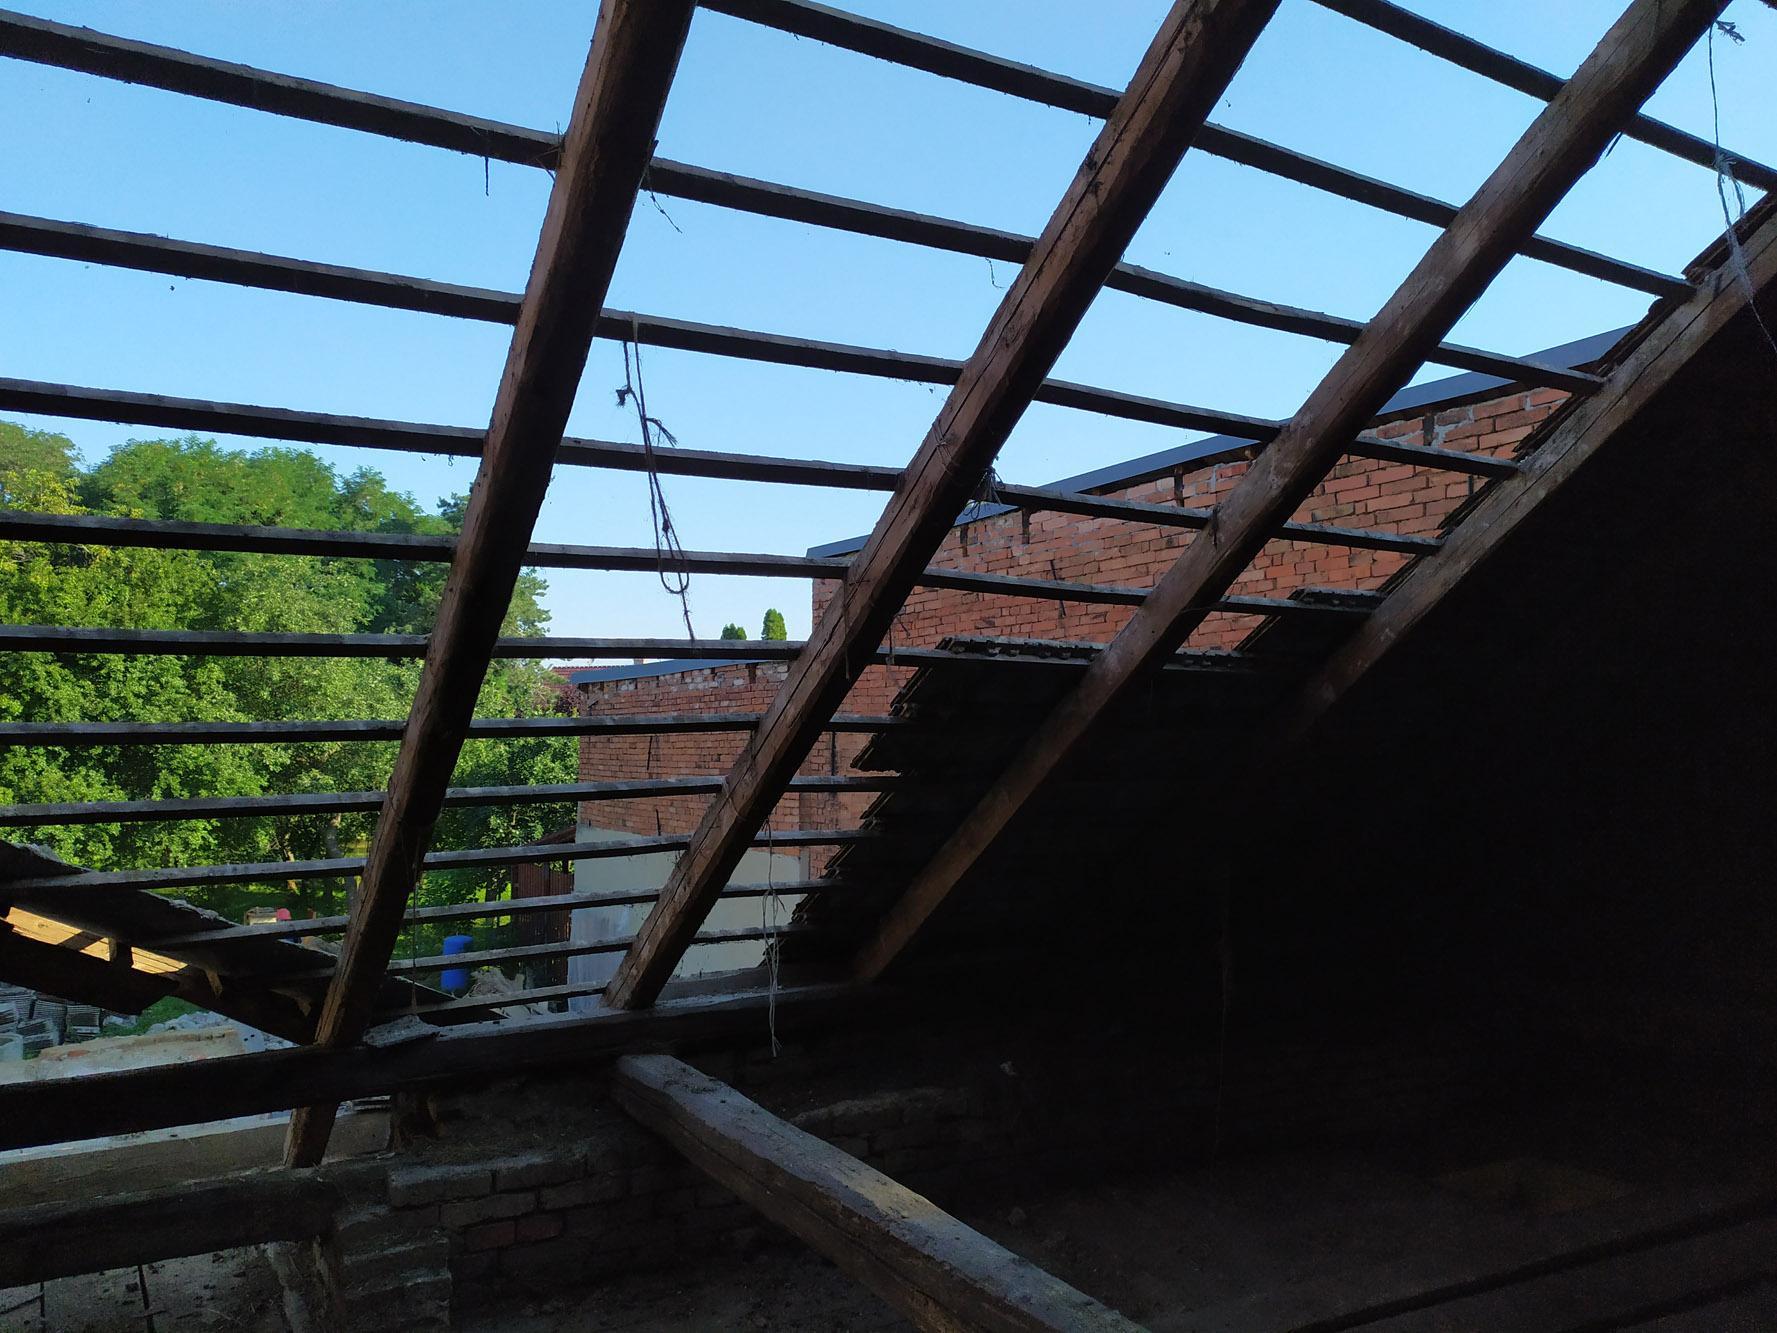 Bourání staré a stavba nové řadovky - Demontáž střechy pokračovala rychle.